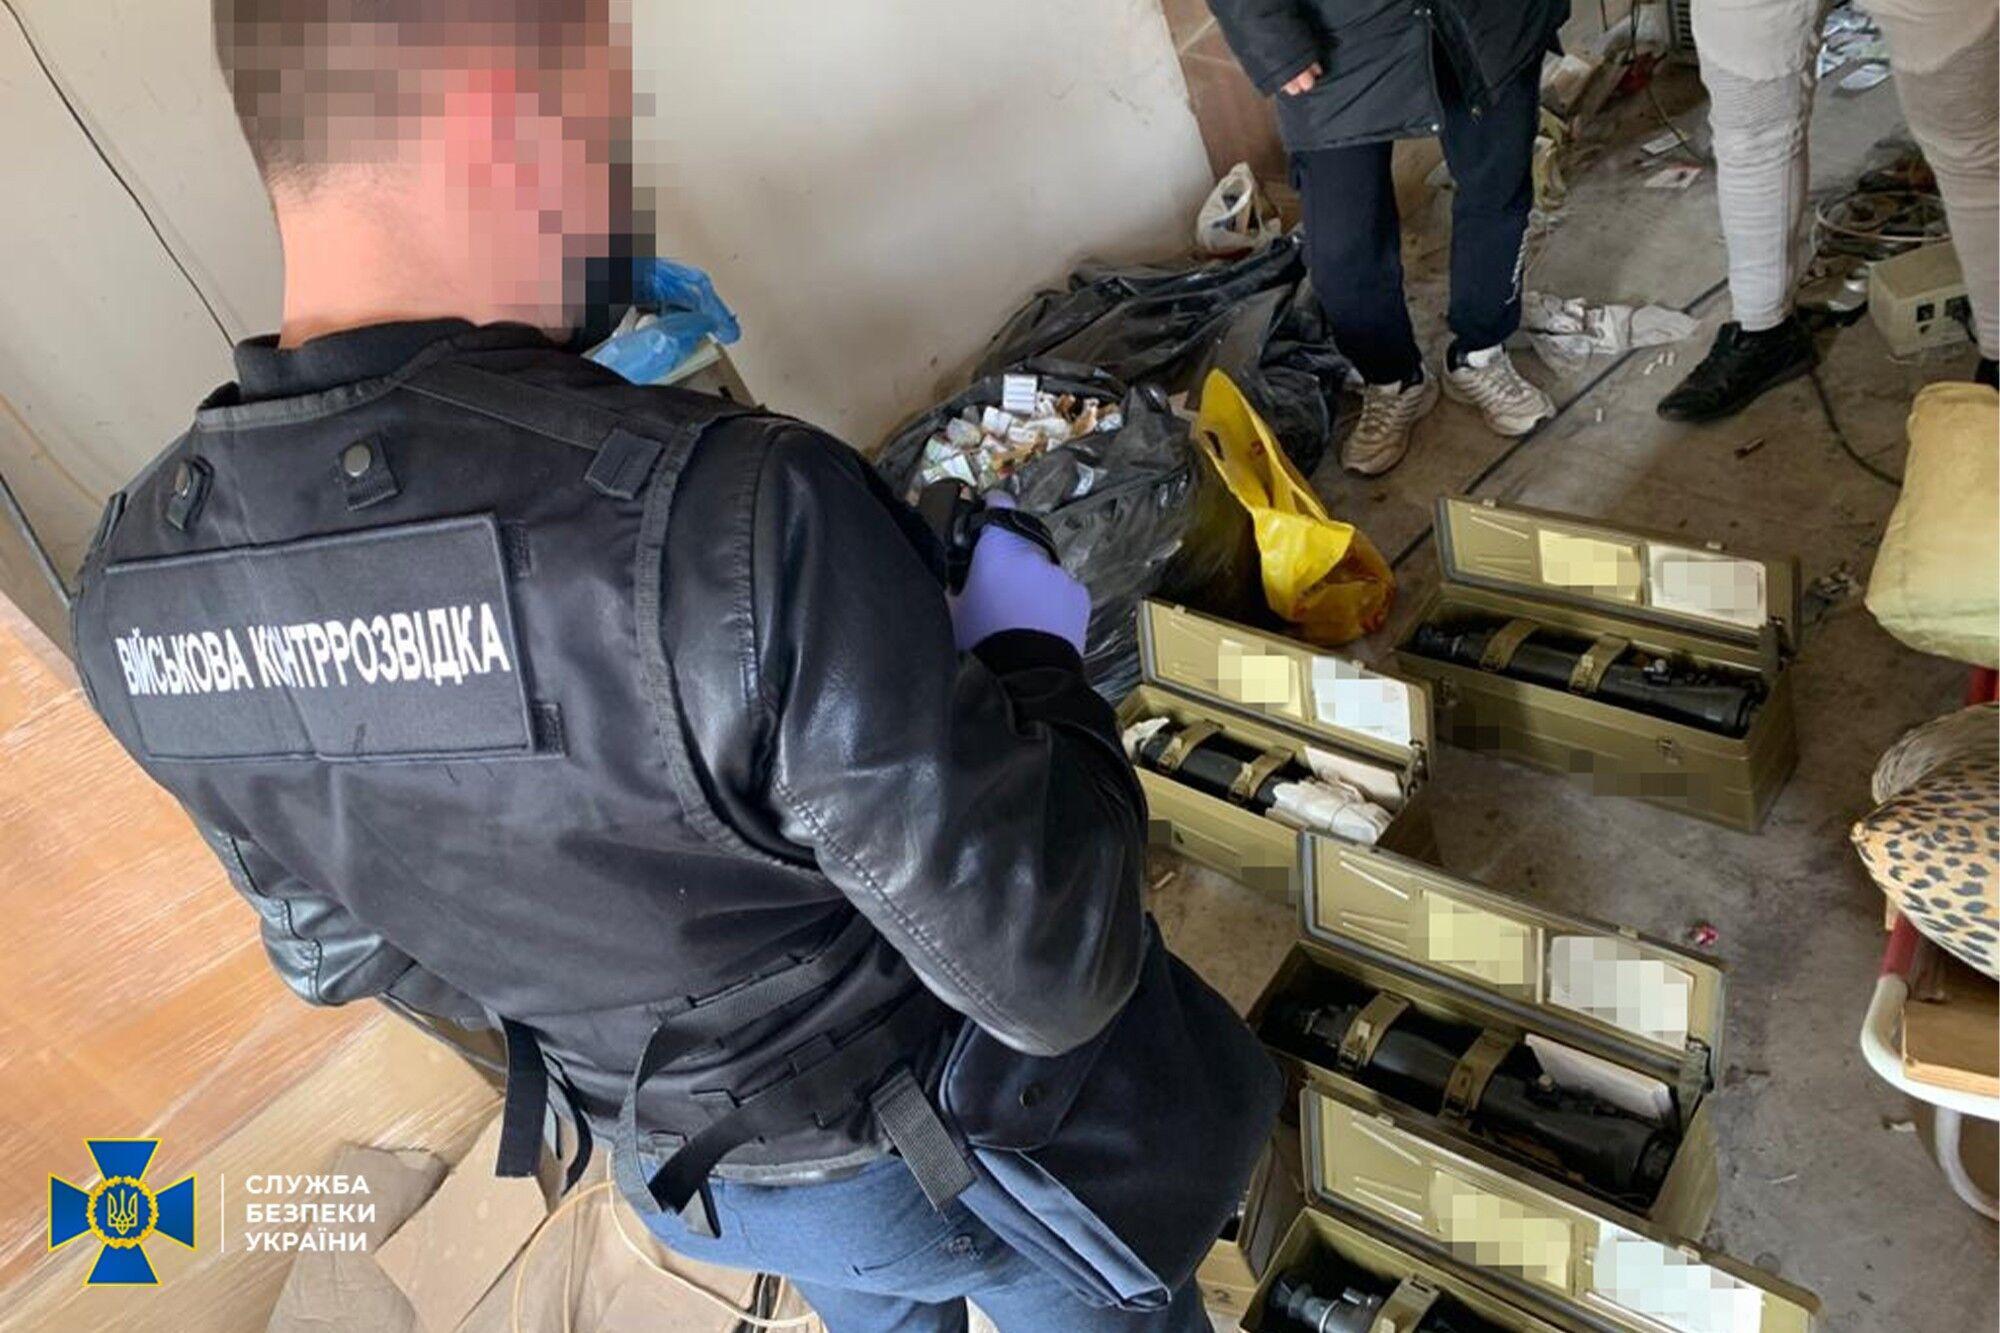 Привласнення комплектовання до стрілецької зброї завдало державі збитків на суму понад 500 тис. грн